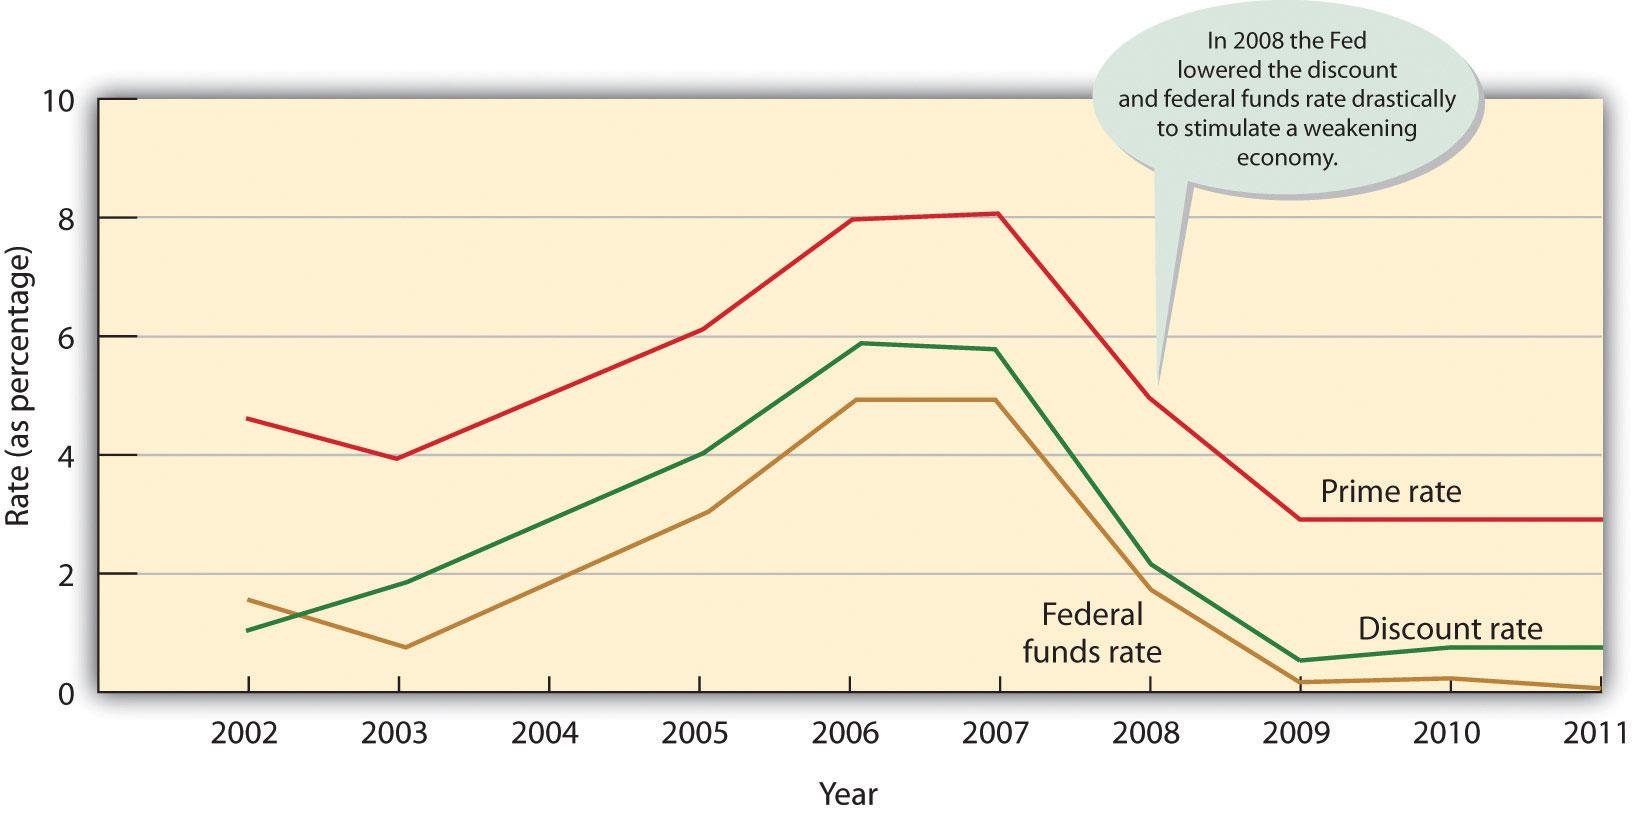 Key Interest Rates, 2002-2011